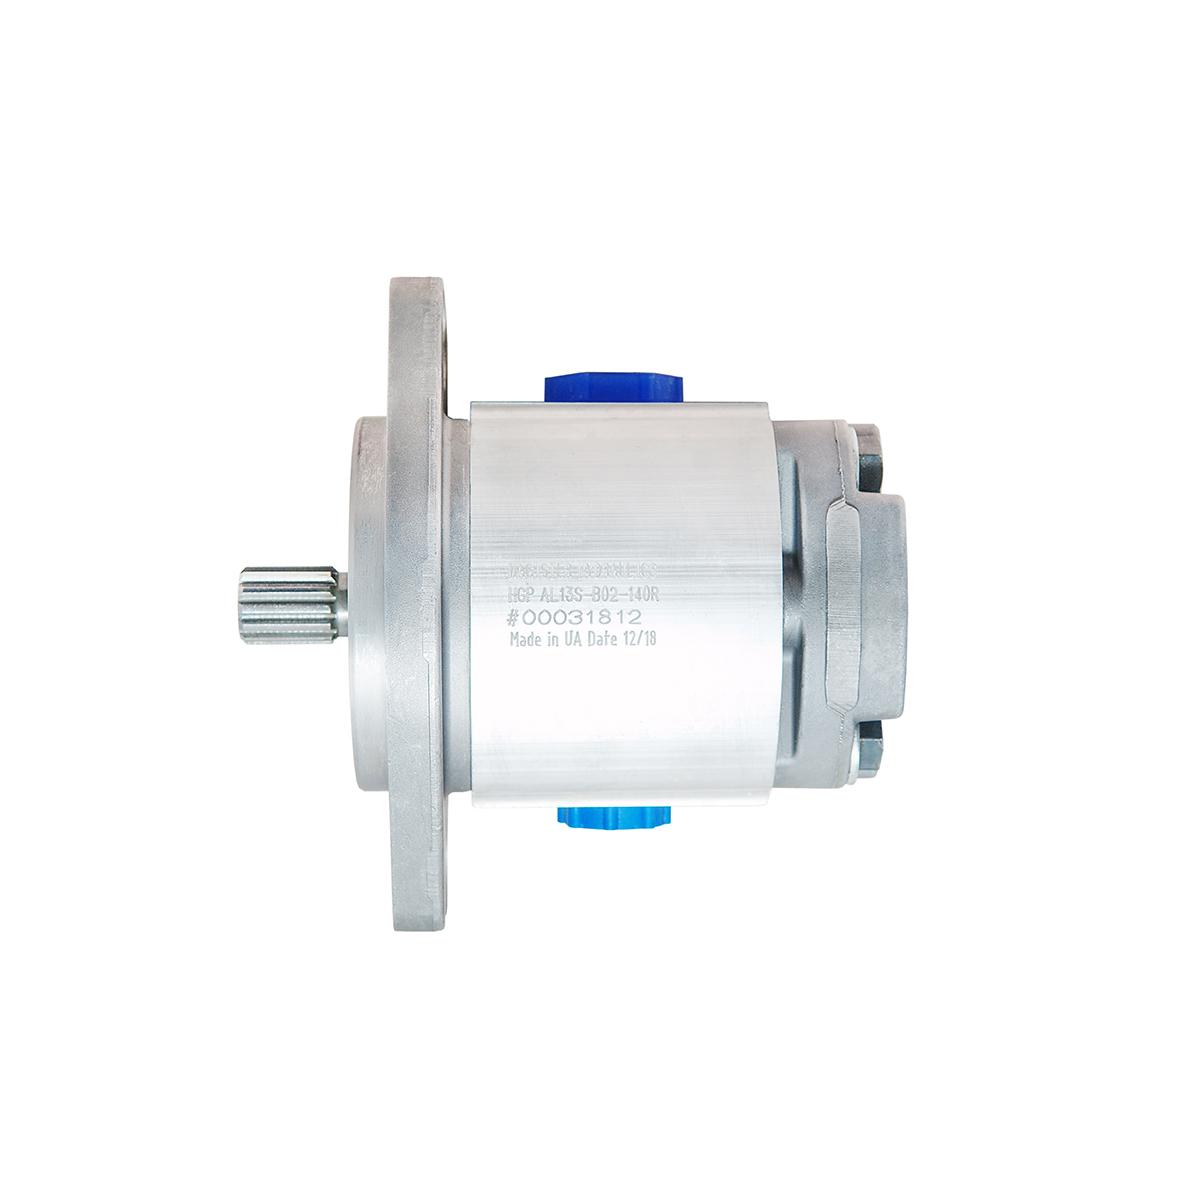 0.50 CID hydraulic gear pump, 9 tooth spline shaft counter-clockwise gear pump | Magister Hydraulics